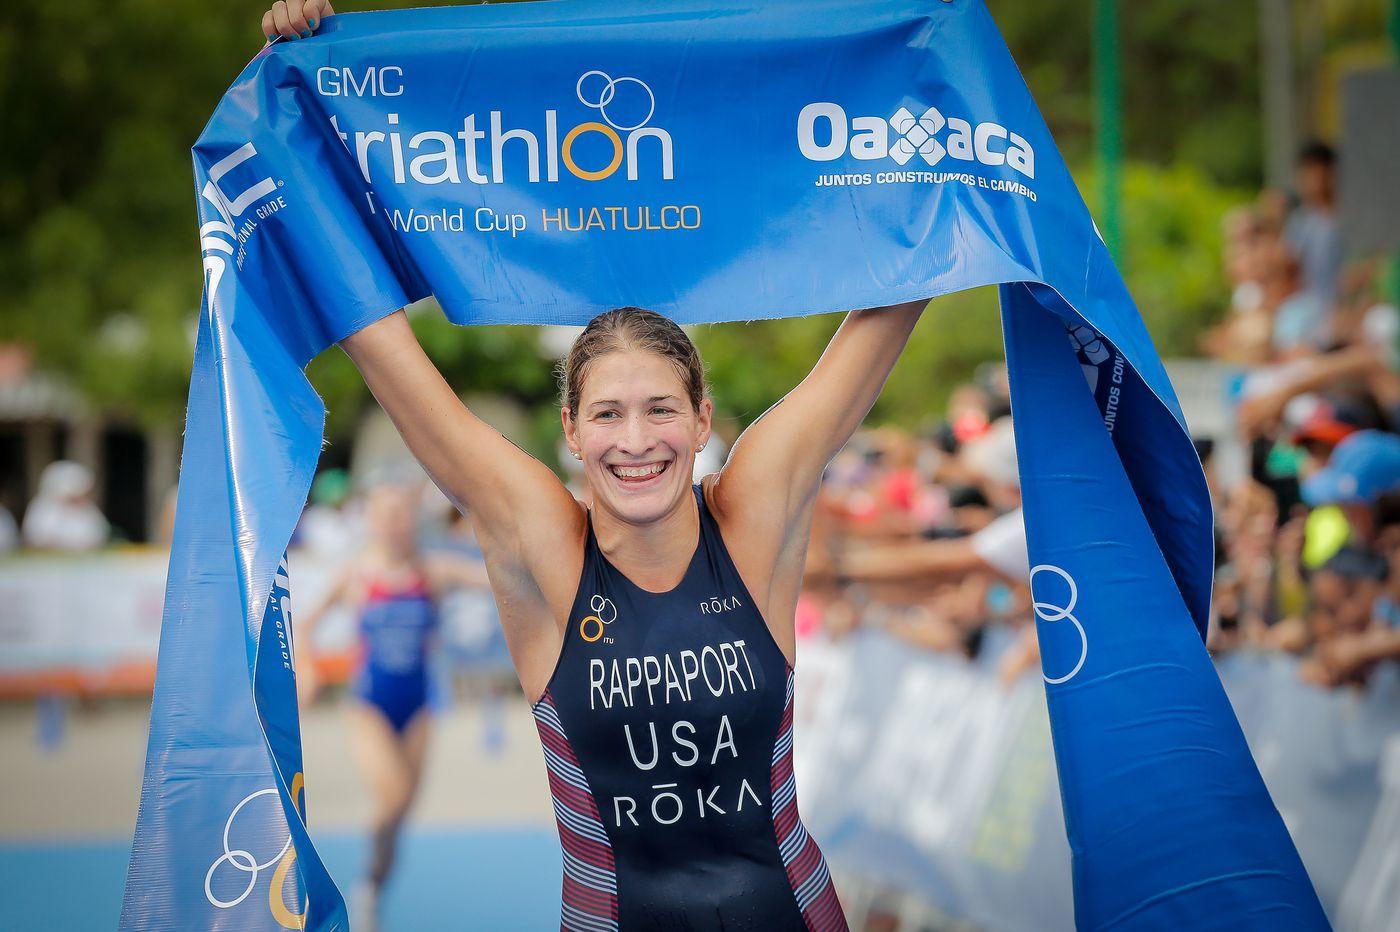 Former Villanova athlete Summer Rappaport must wait for her Olympic triathlon opportunity